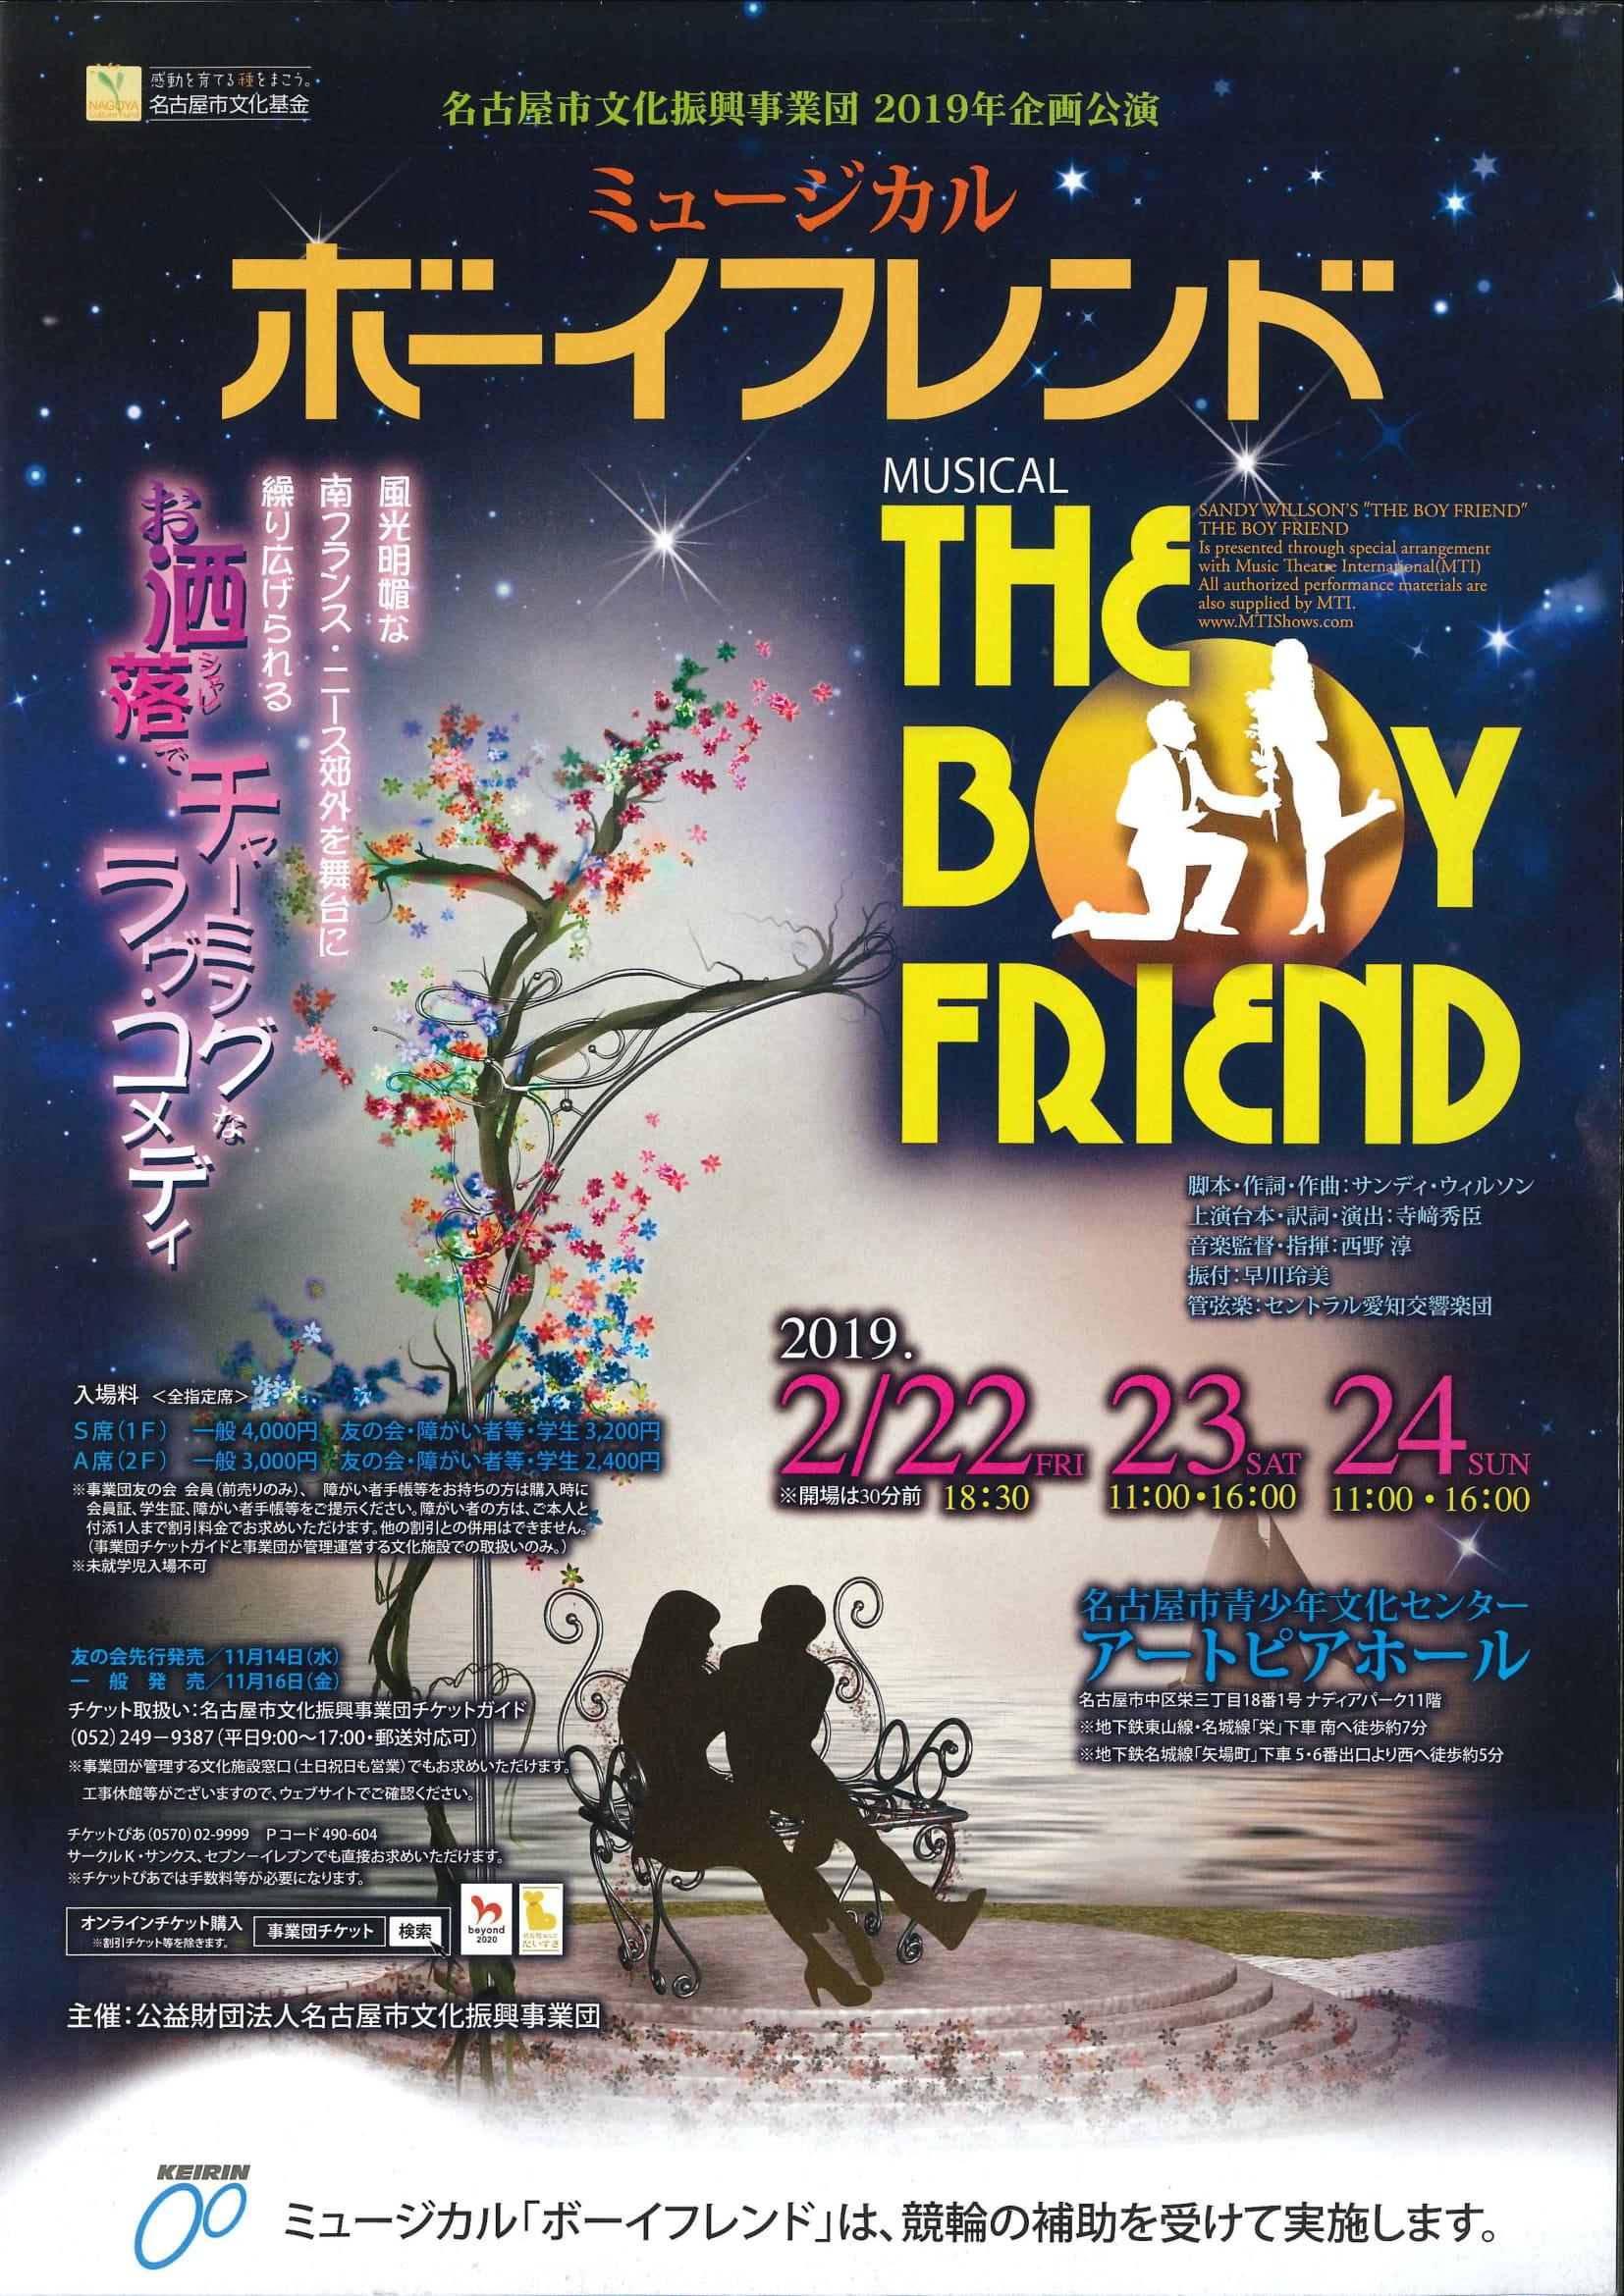 名古屋市文化振興事業団2019年企画公演 ミュージカル「ボーイフレンド」